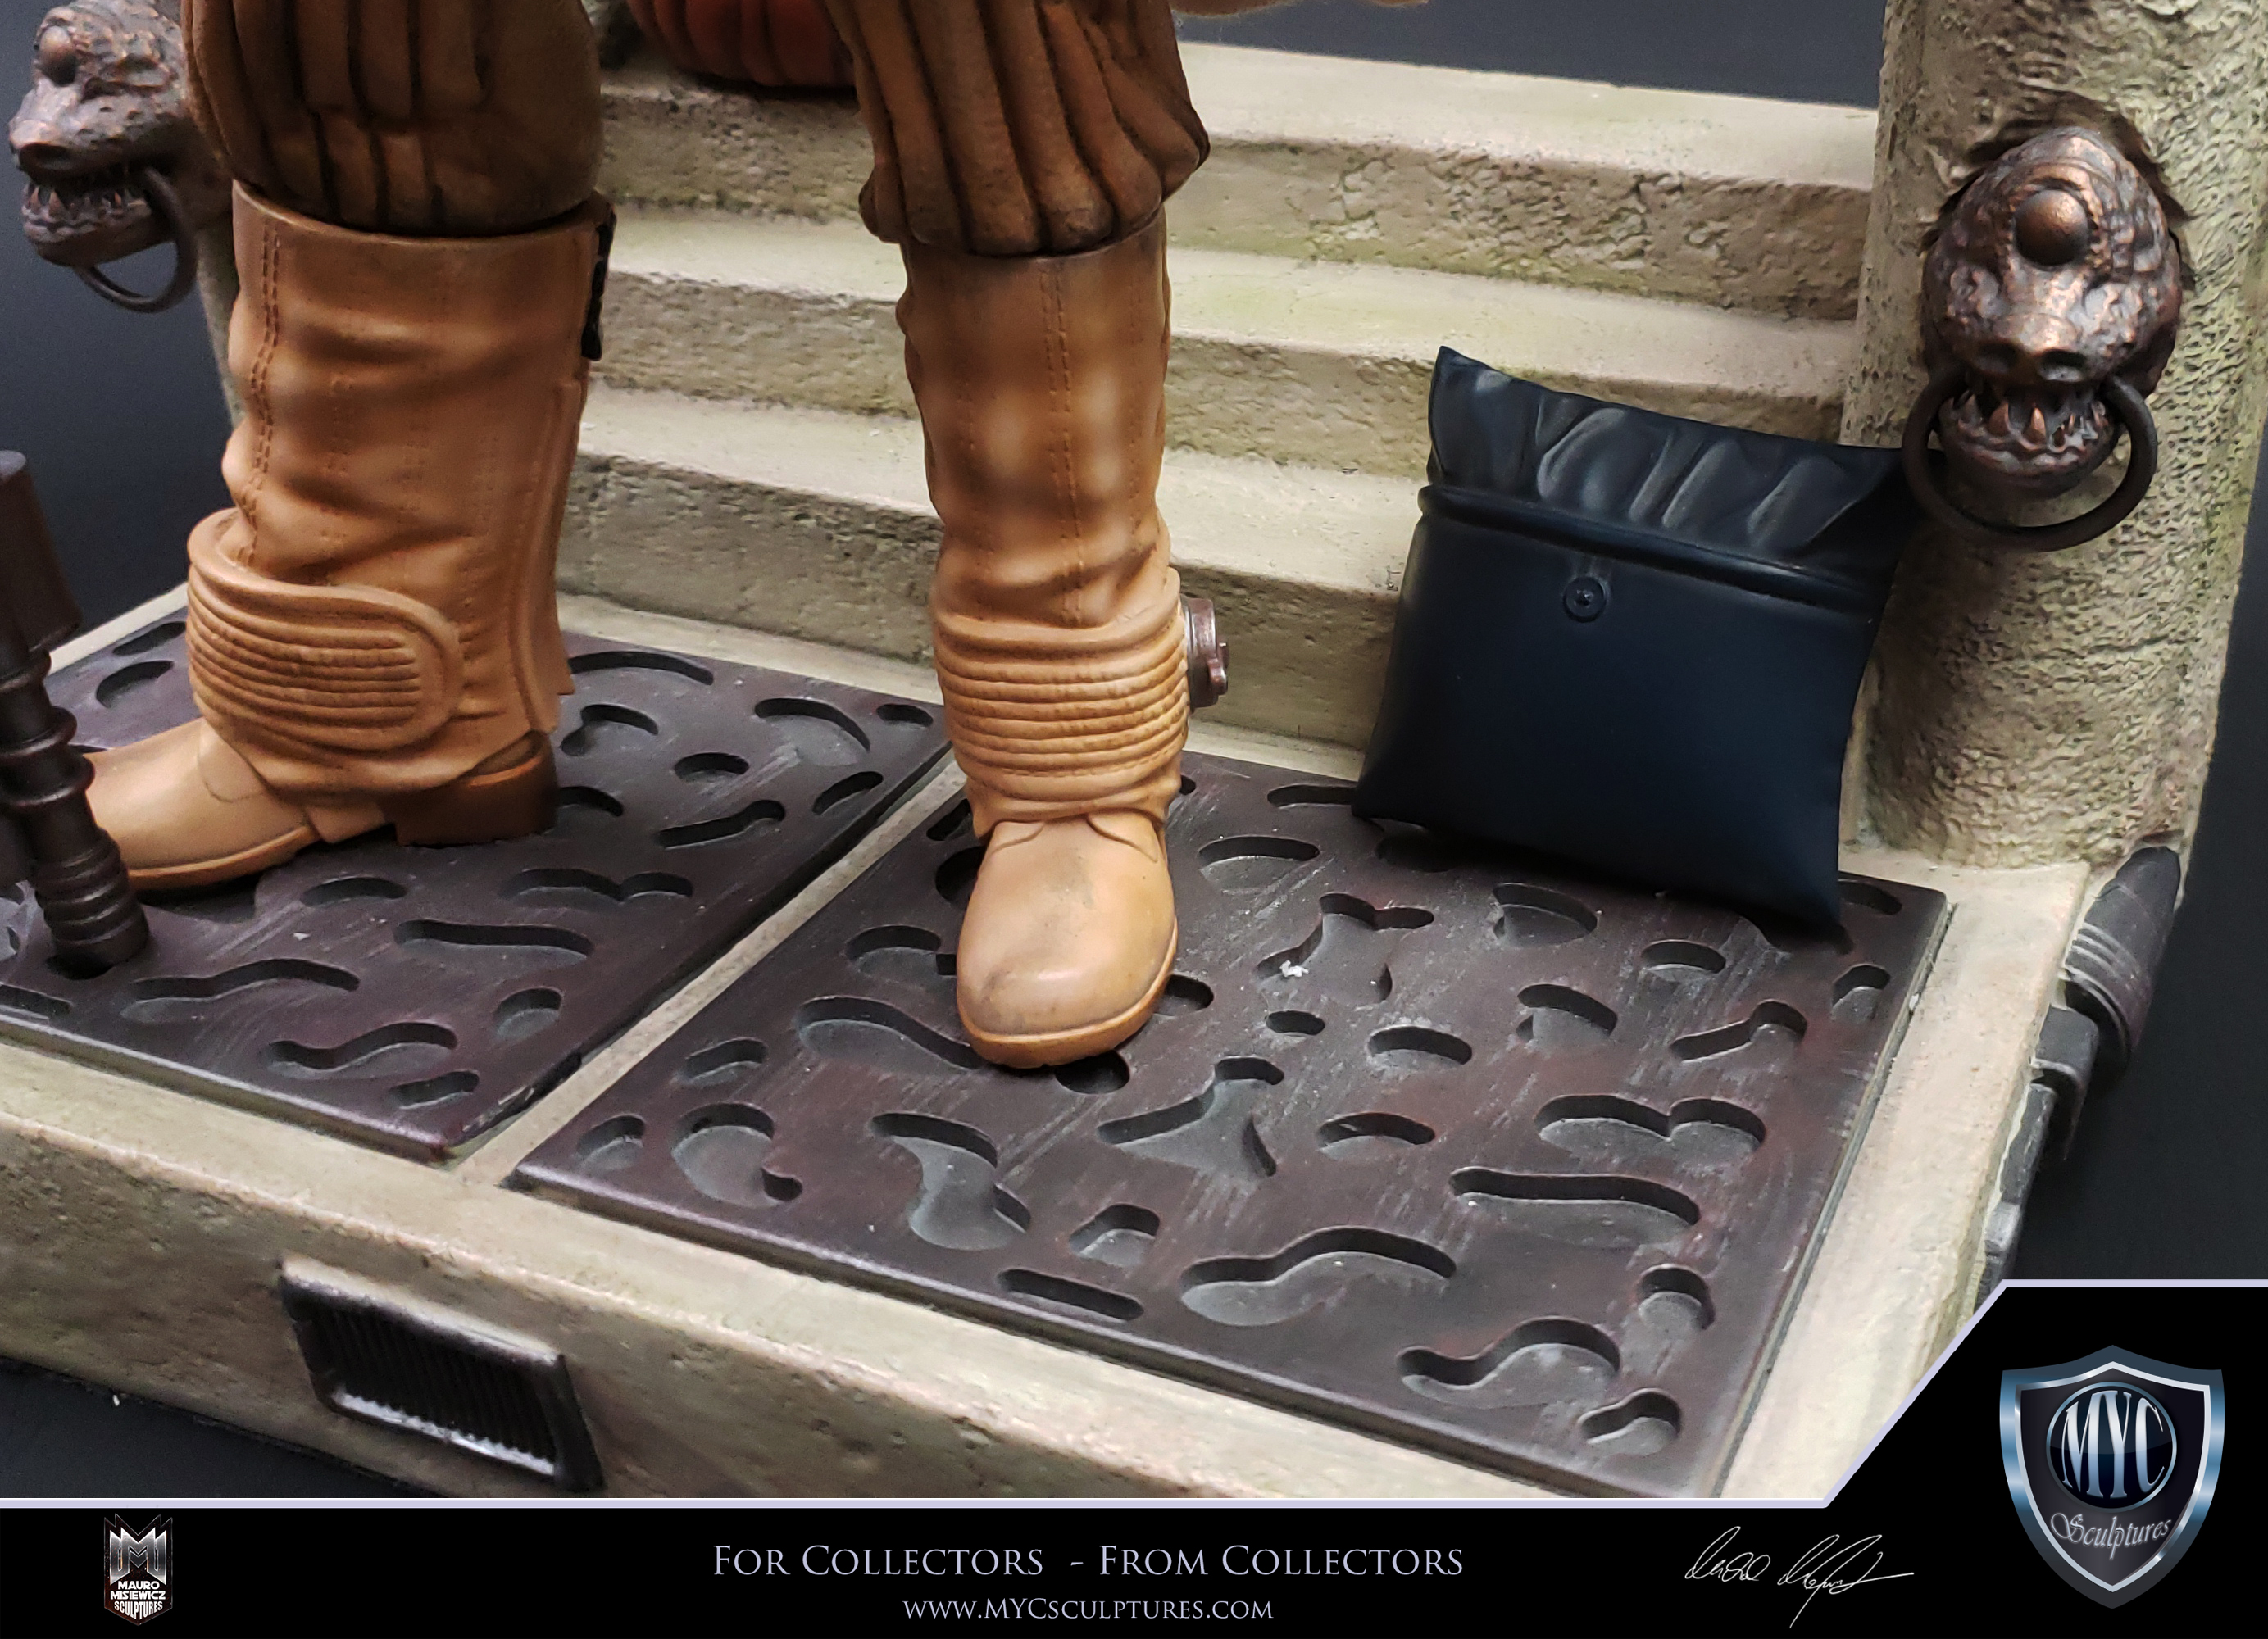 Boushh_Leia_MYC_Sculptures_Statue_21